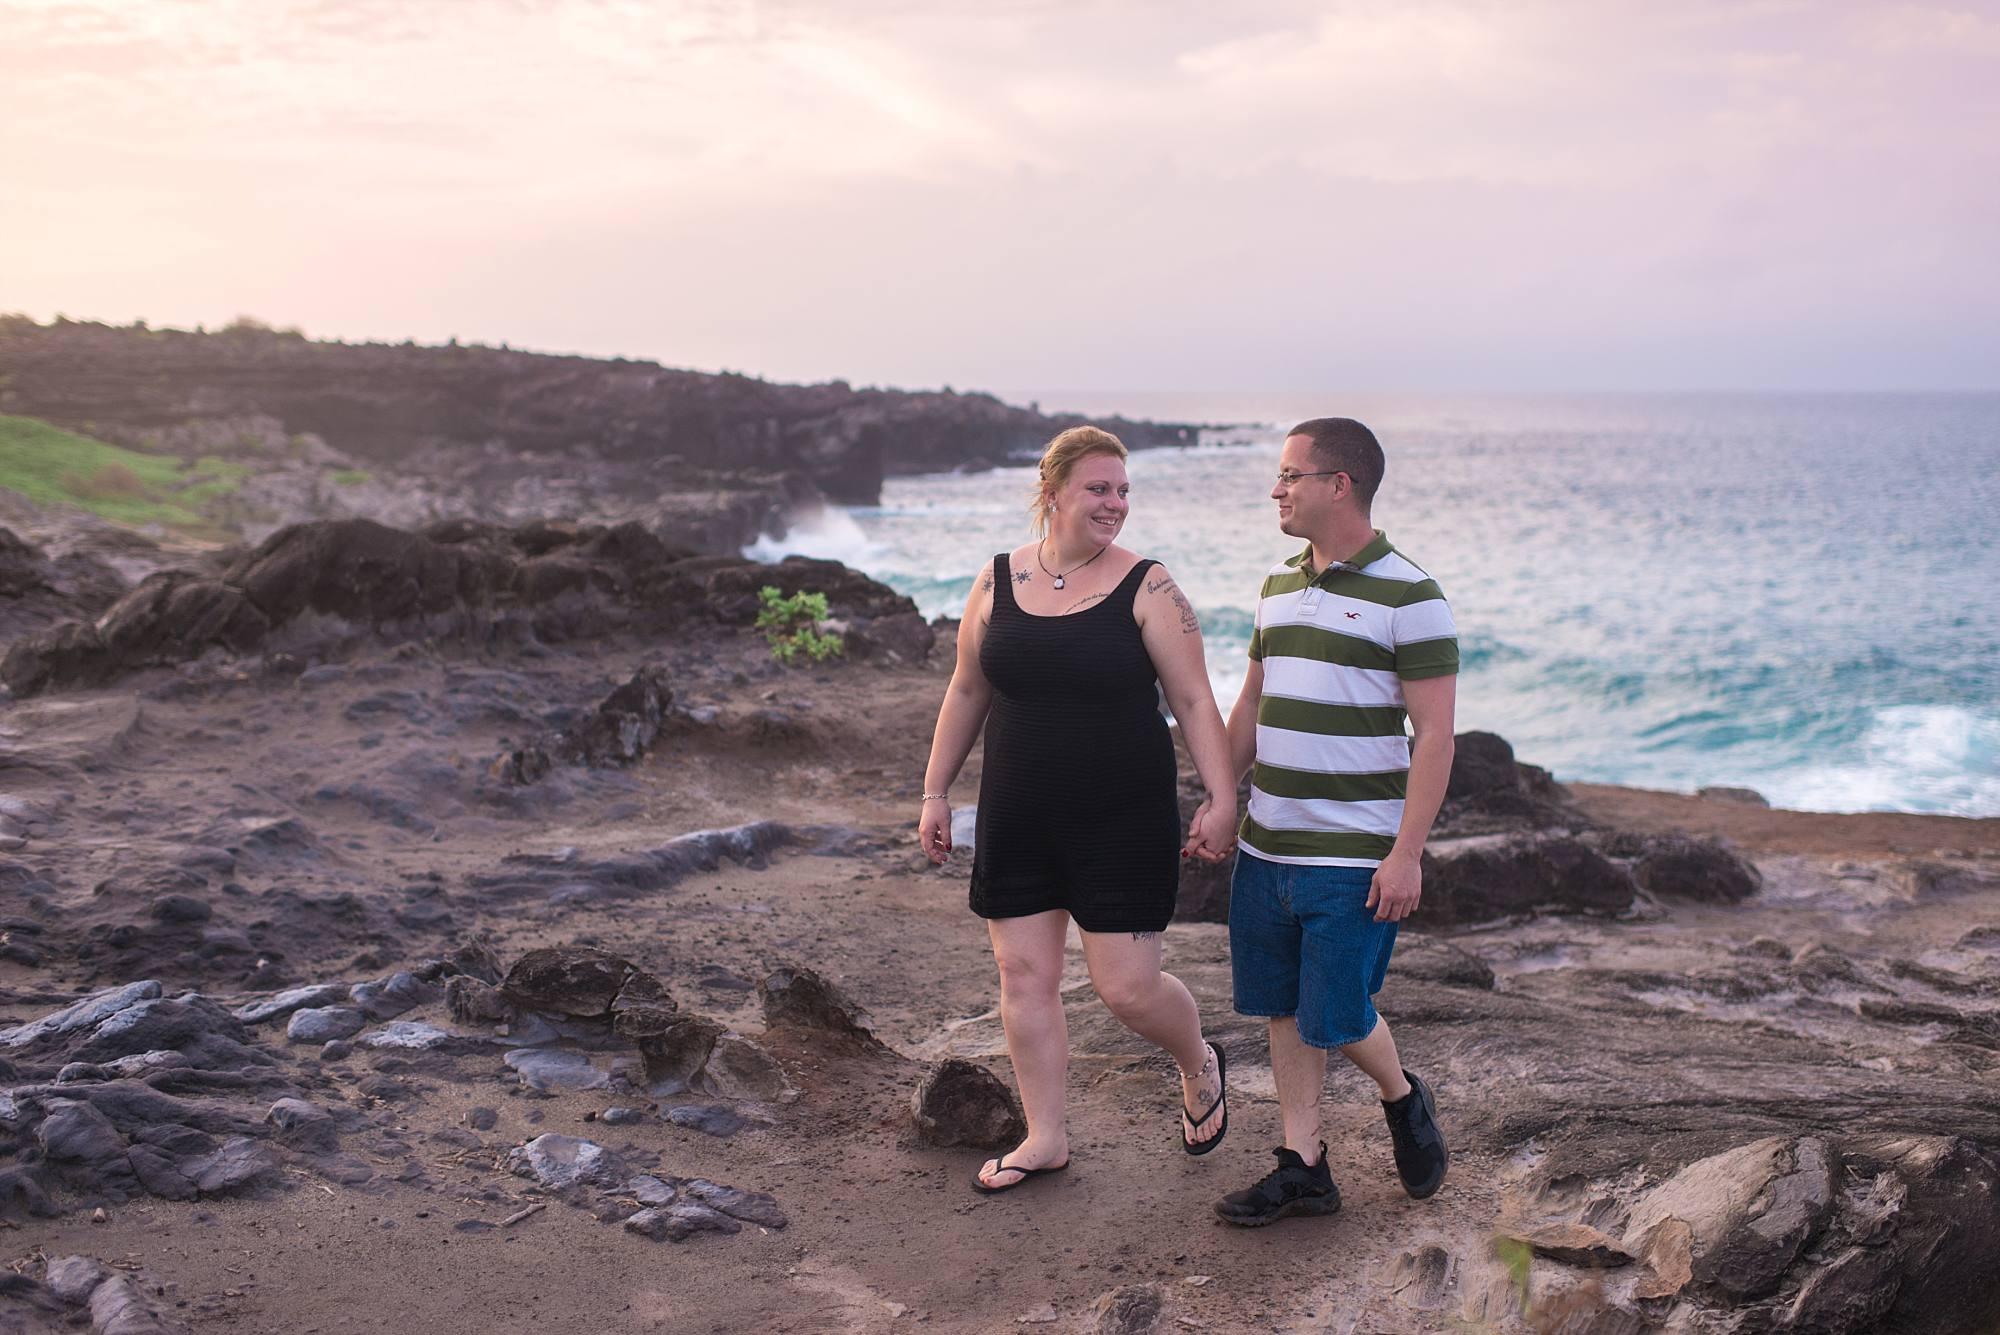 couple walking on rocks near ocean